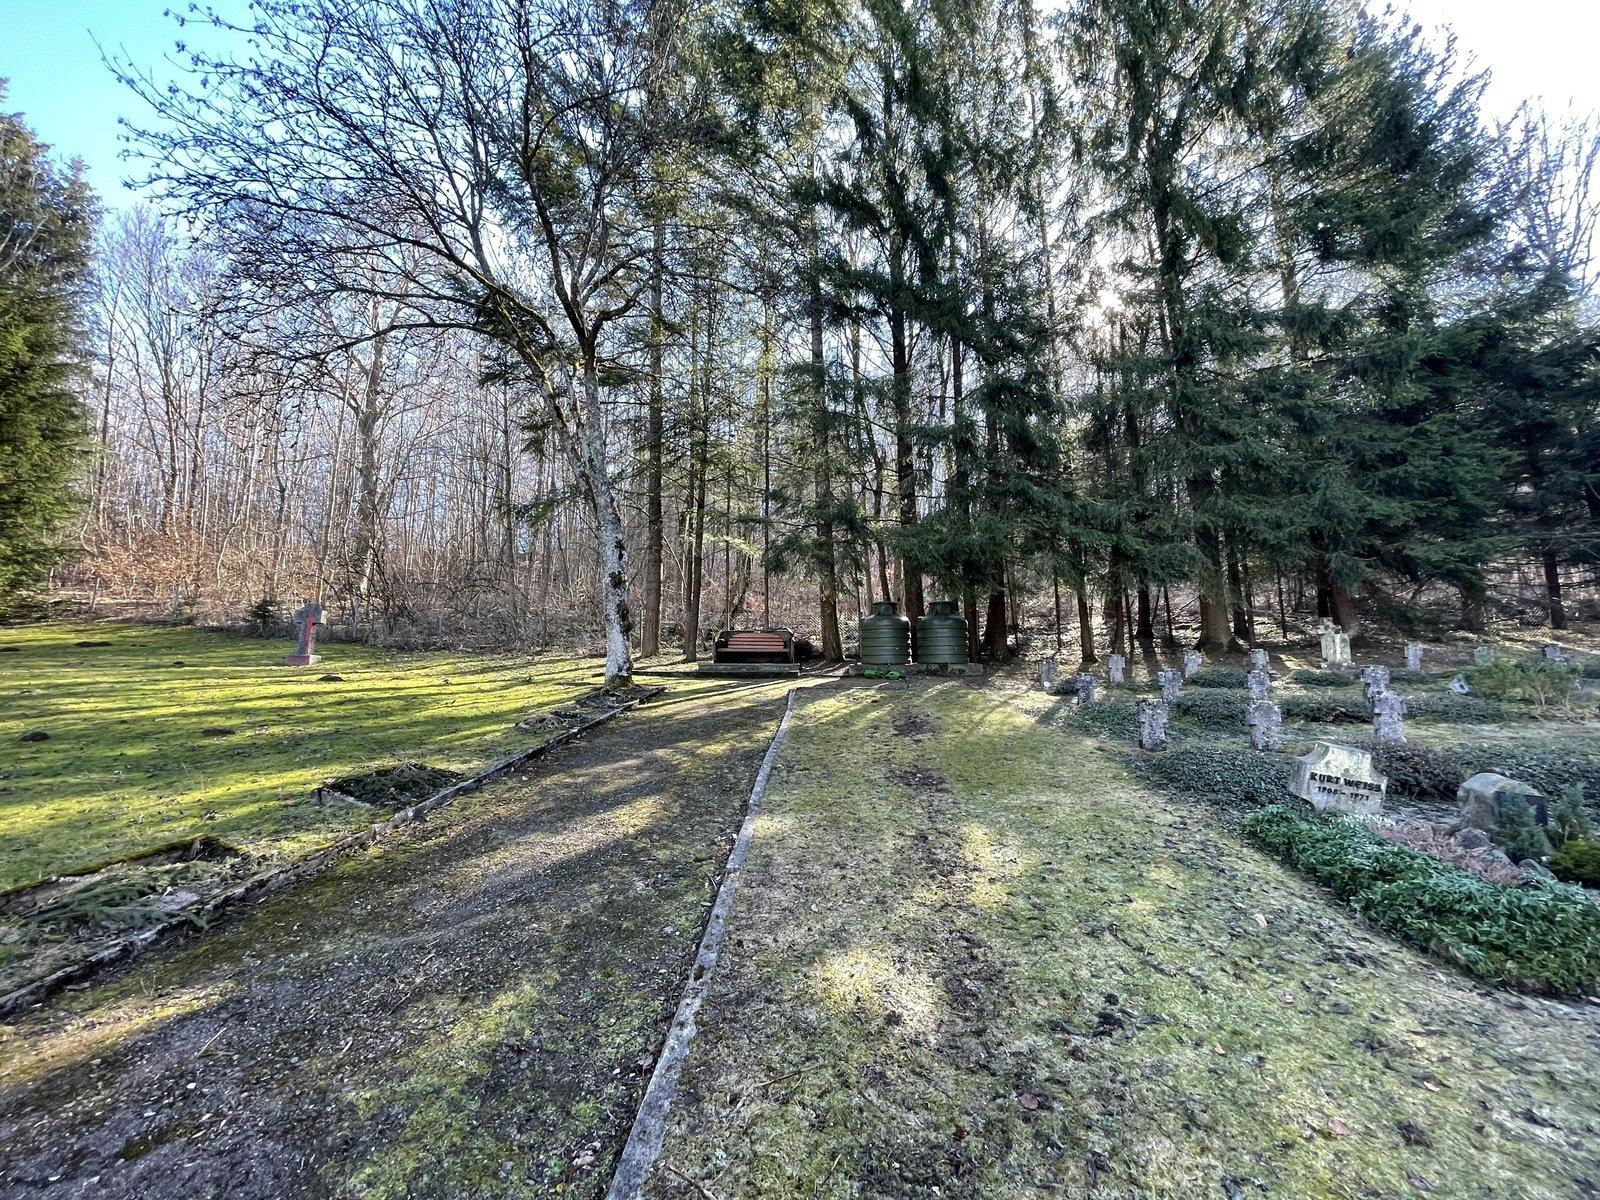 Vor einem Waldstück sind auf einer Wiese Gräber mit Grabsteinen, im Hintergrund stehen neben einer Bank zwei grüne Wasserbehälter